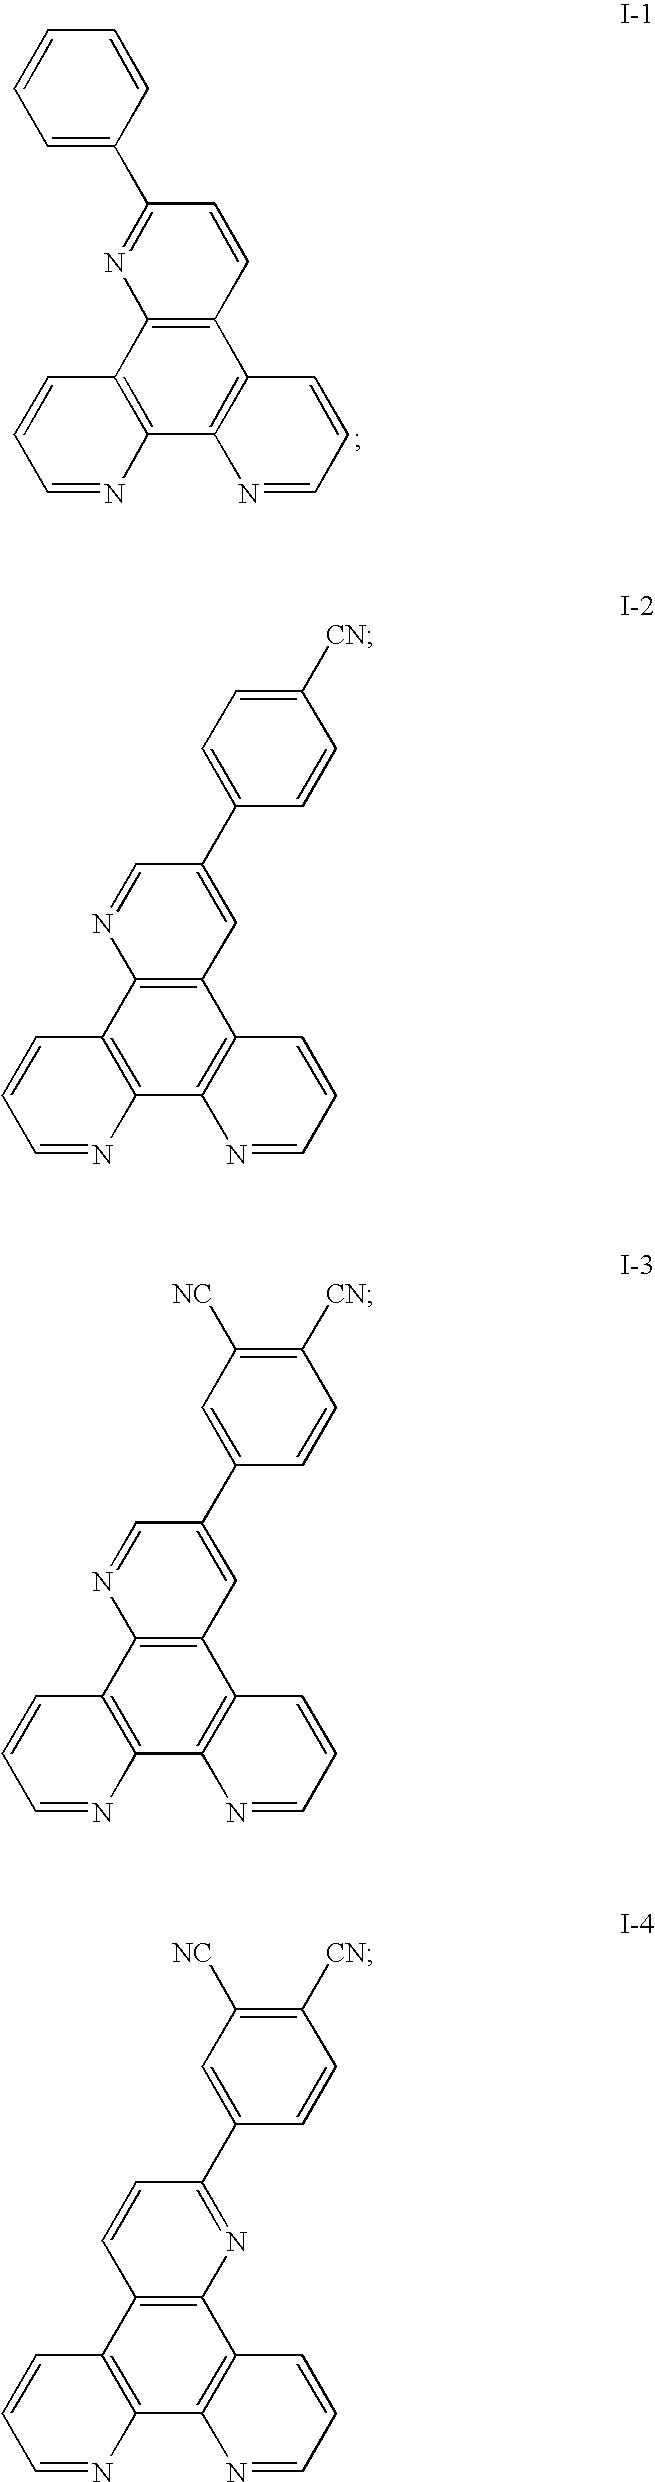 Figure US20090115316A1-20090507-C00051